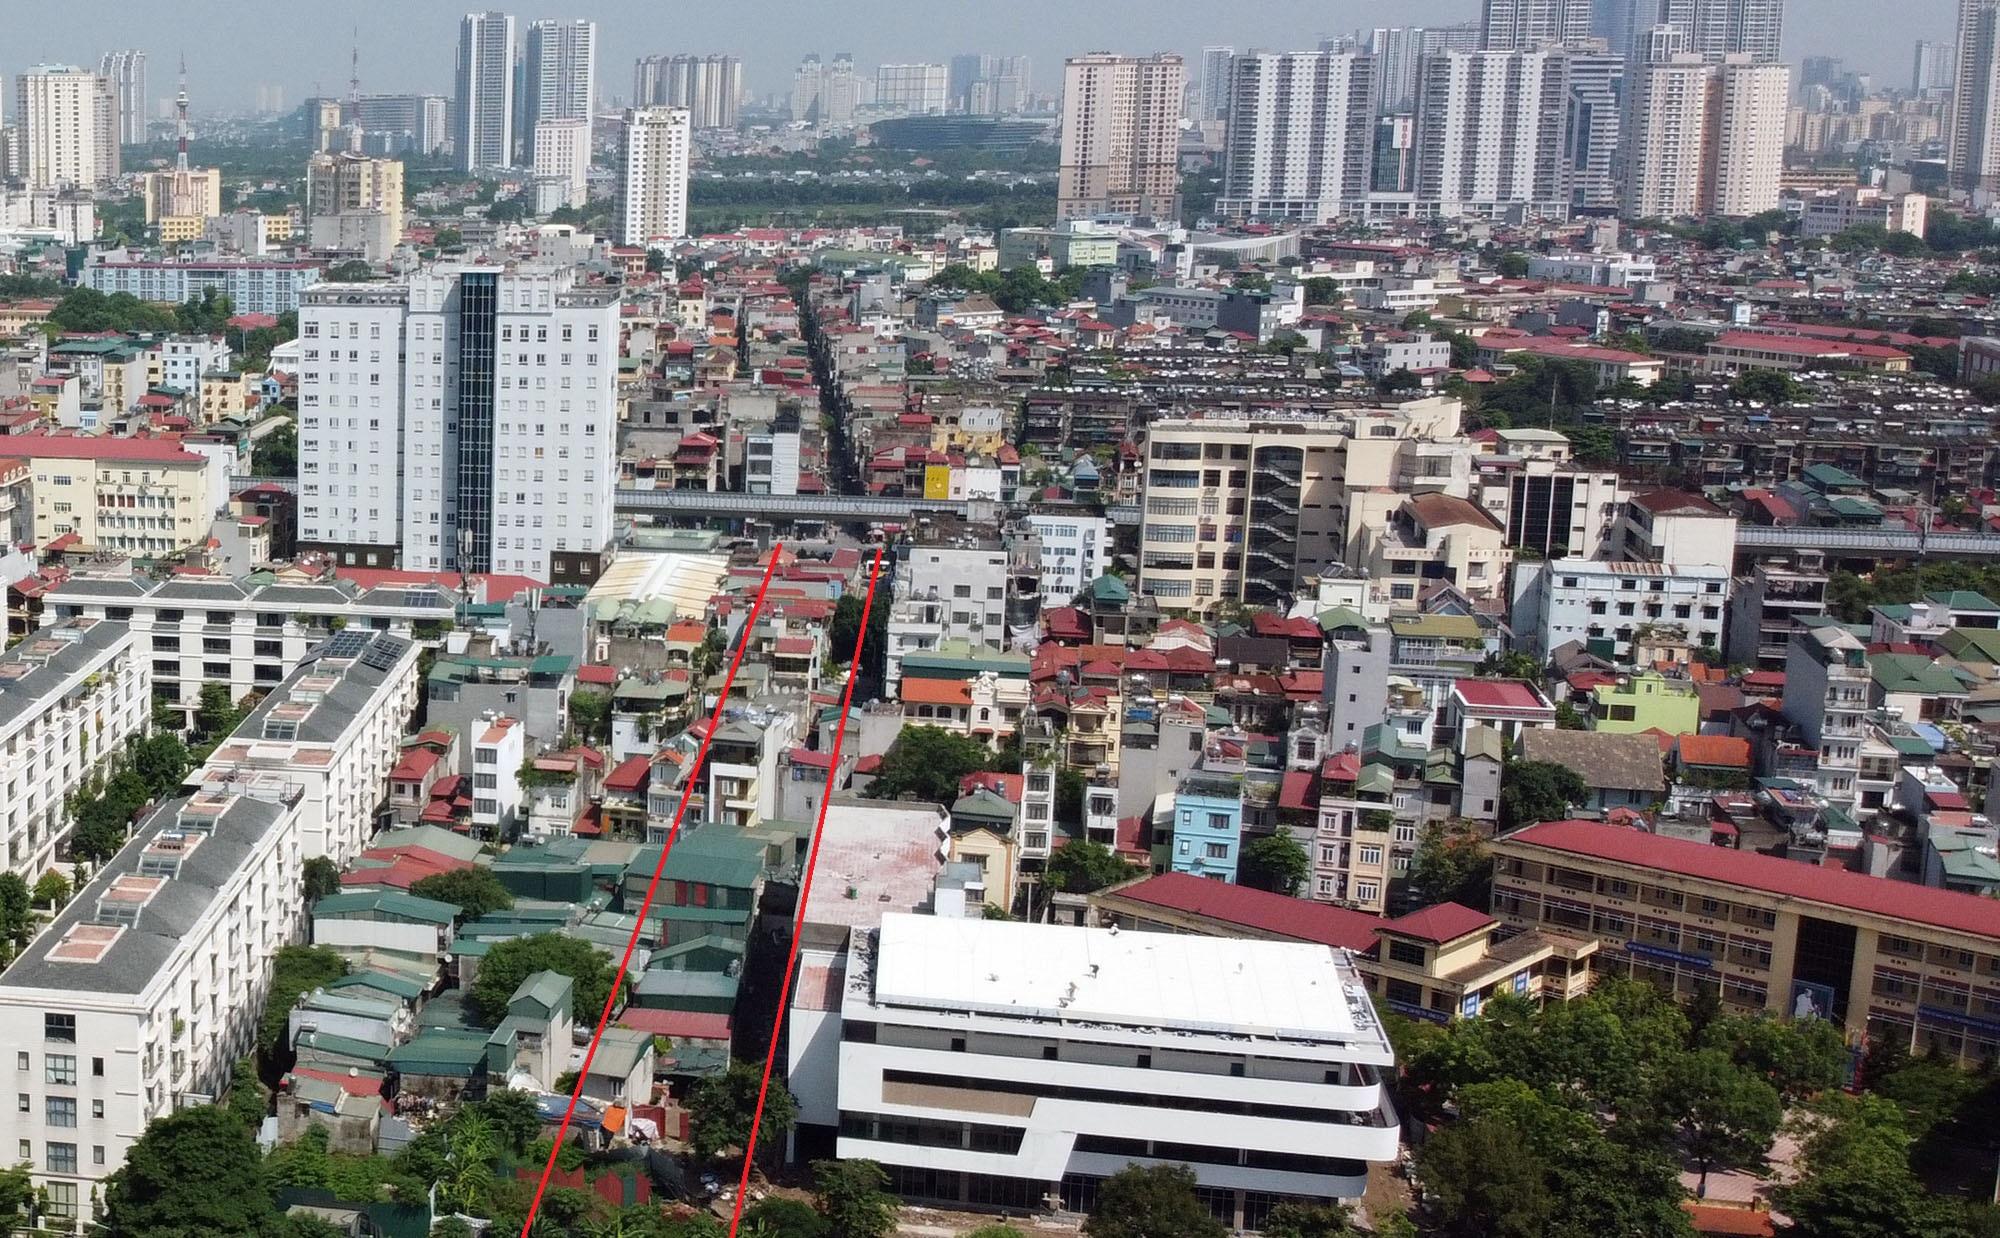 Kế hoạch sử dụng đất phường Thanh Xuân Nam, Thanh Xuân, Hà Nội năm 2021 - Ảnh 1.